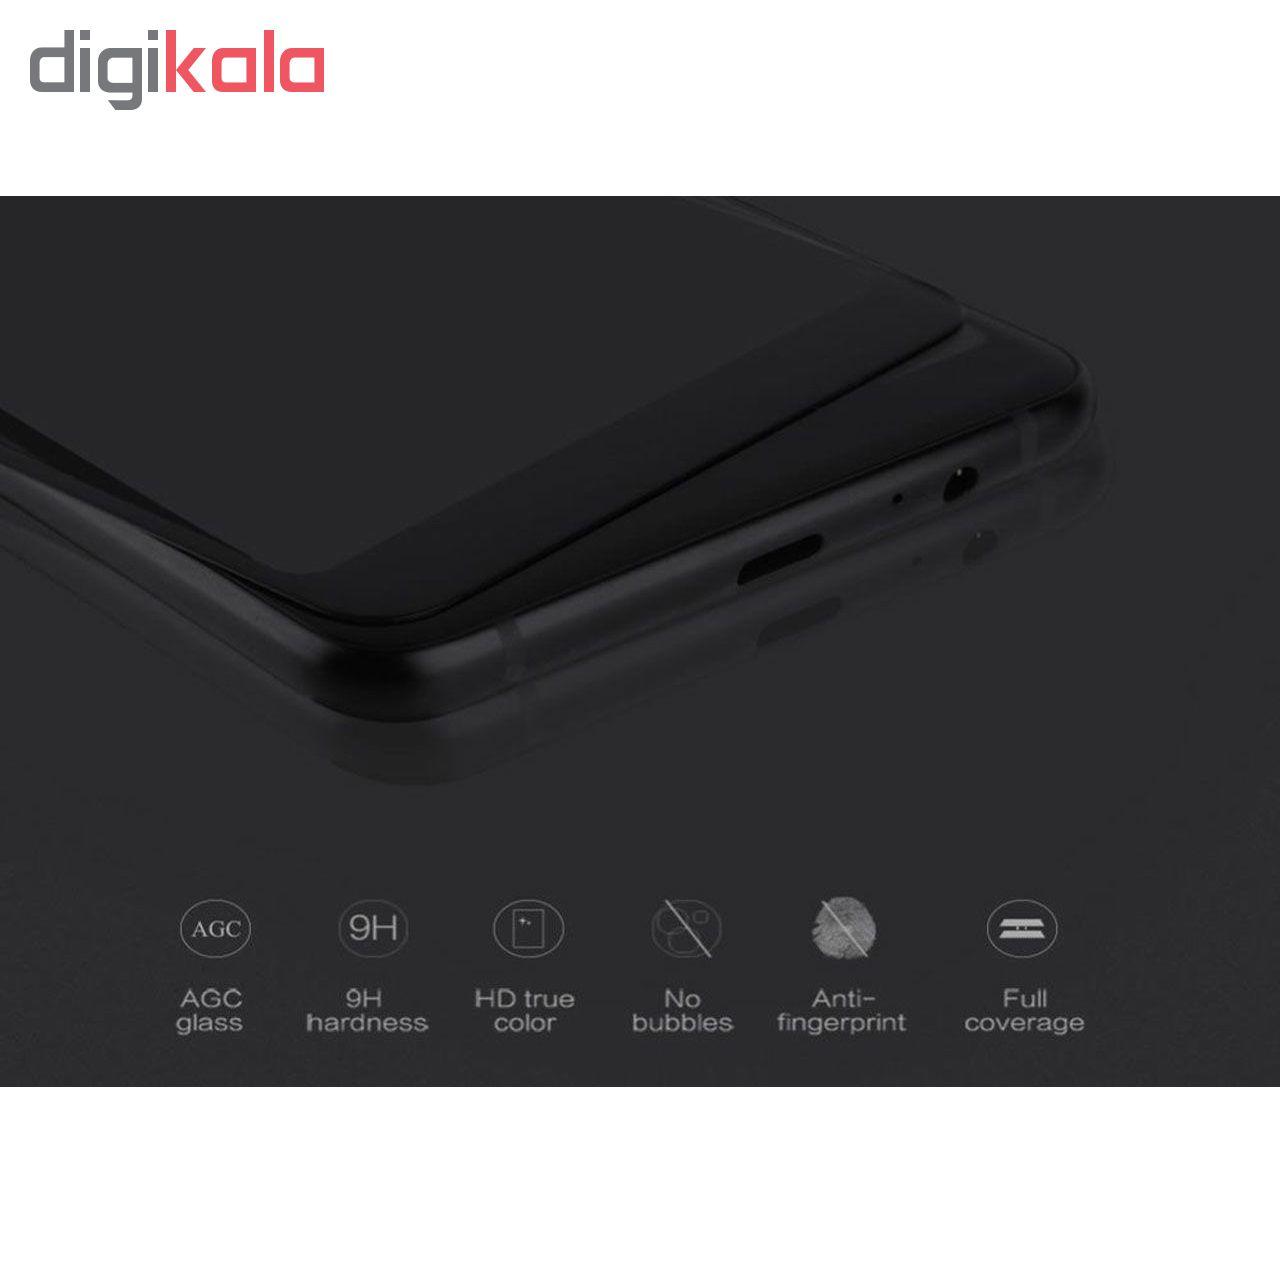 محافظ صفحه نمایش 6D مورفی مدل MR7 مناسب برای گوشی موبایل هوآوی Y7 Prime 2019 main 1 3